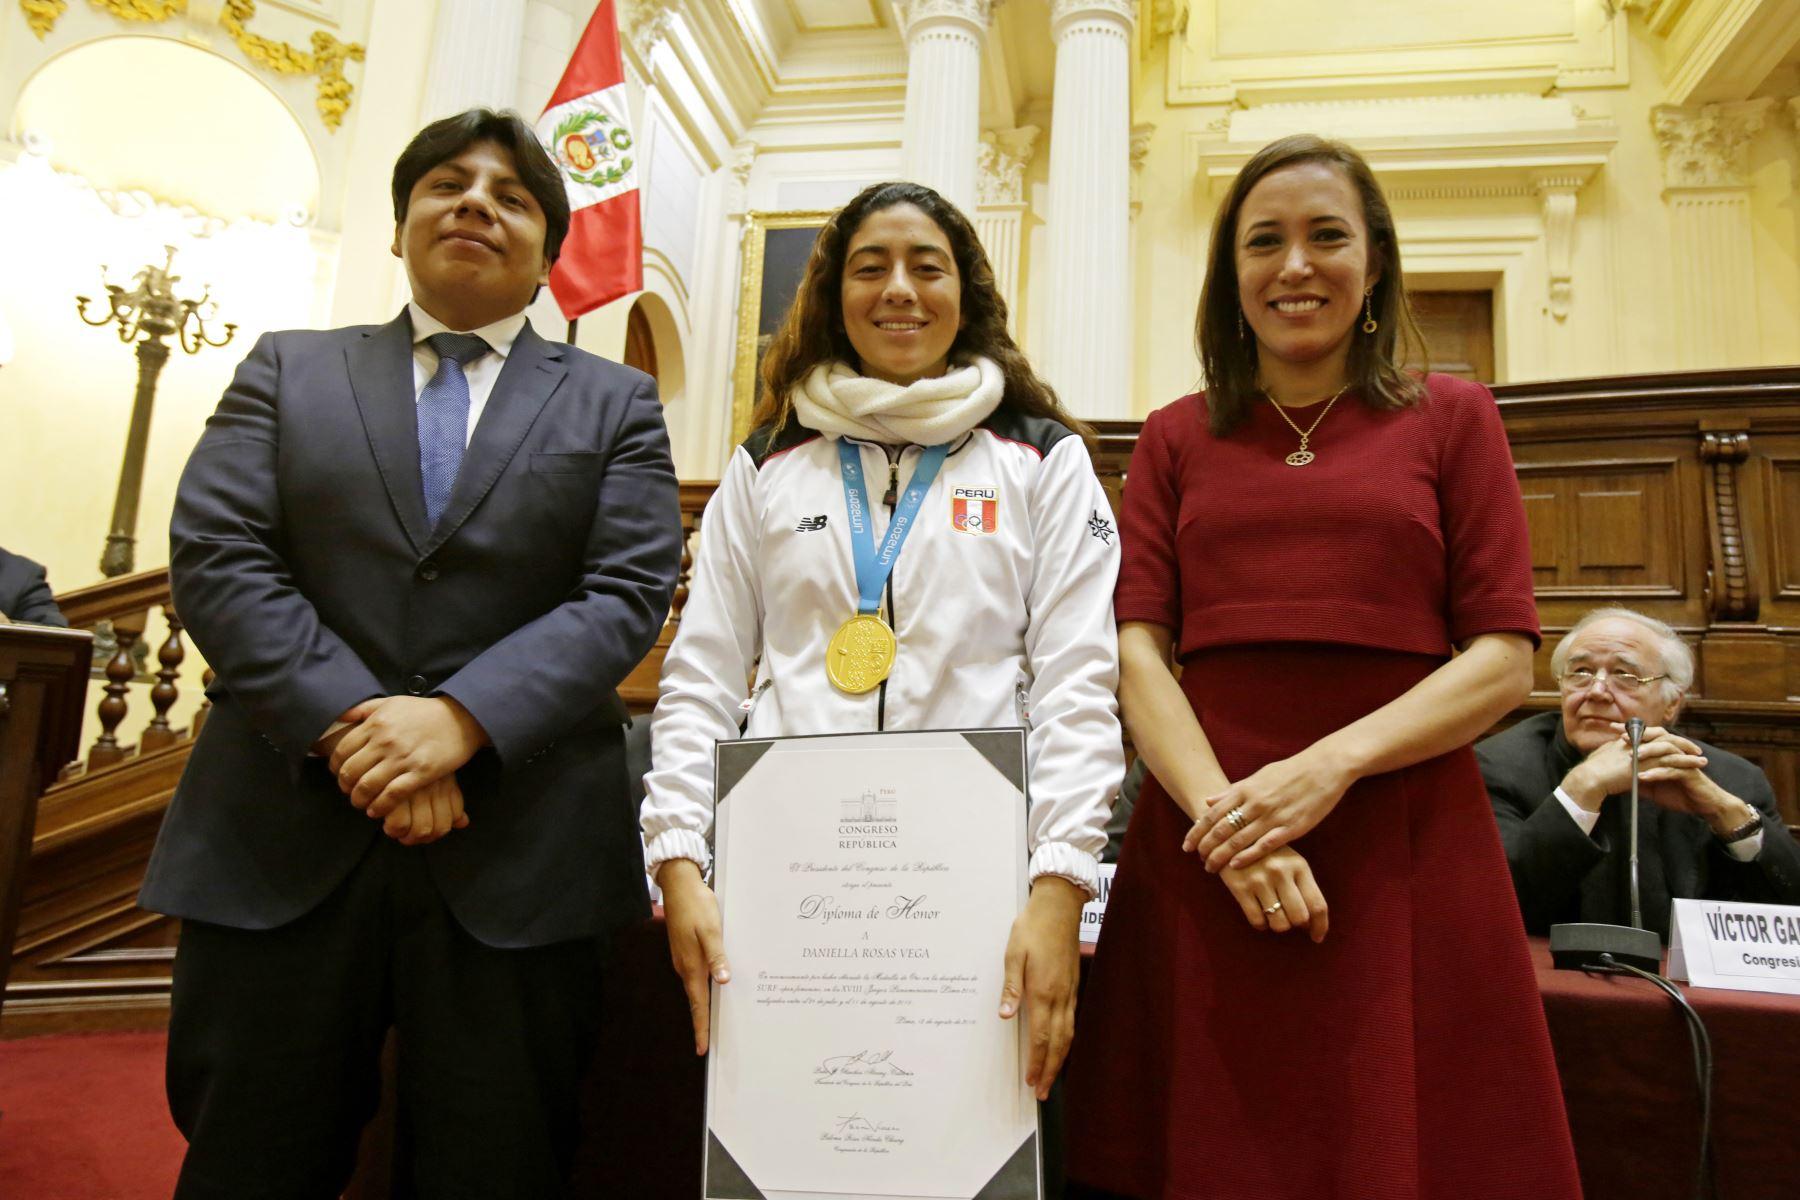 Medallistas Panamericanos reciben reconocimiento en el Congreso de la República. Foto: Congreso de la República